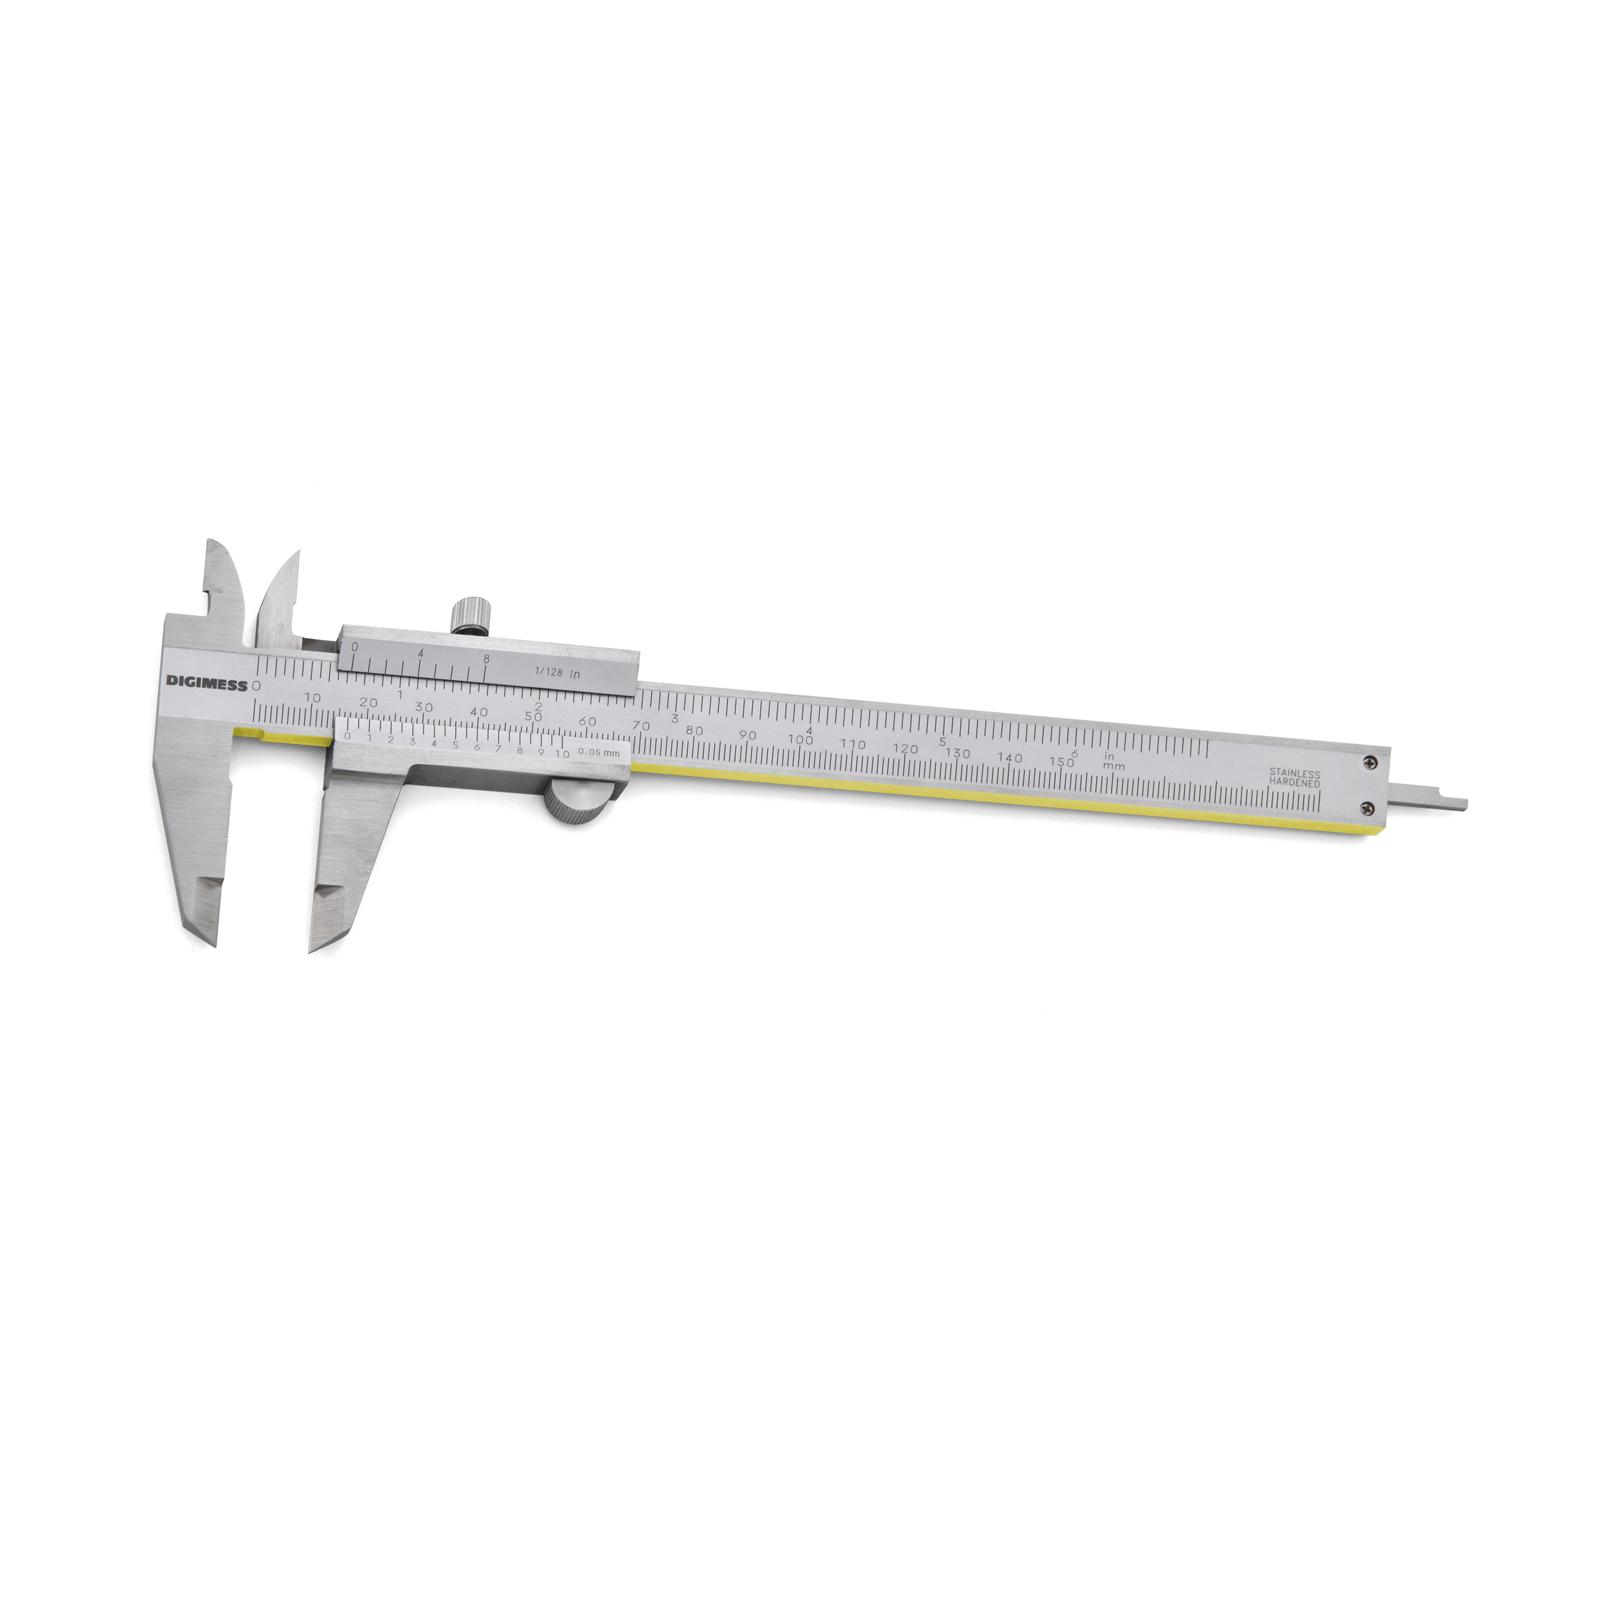 Paquimetro Universal 150mm/6' com Guias de Titanio Digimess 100.0...